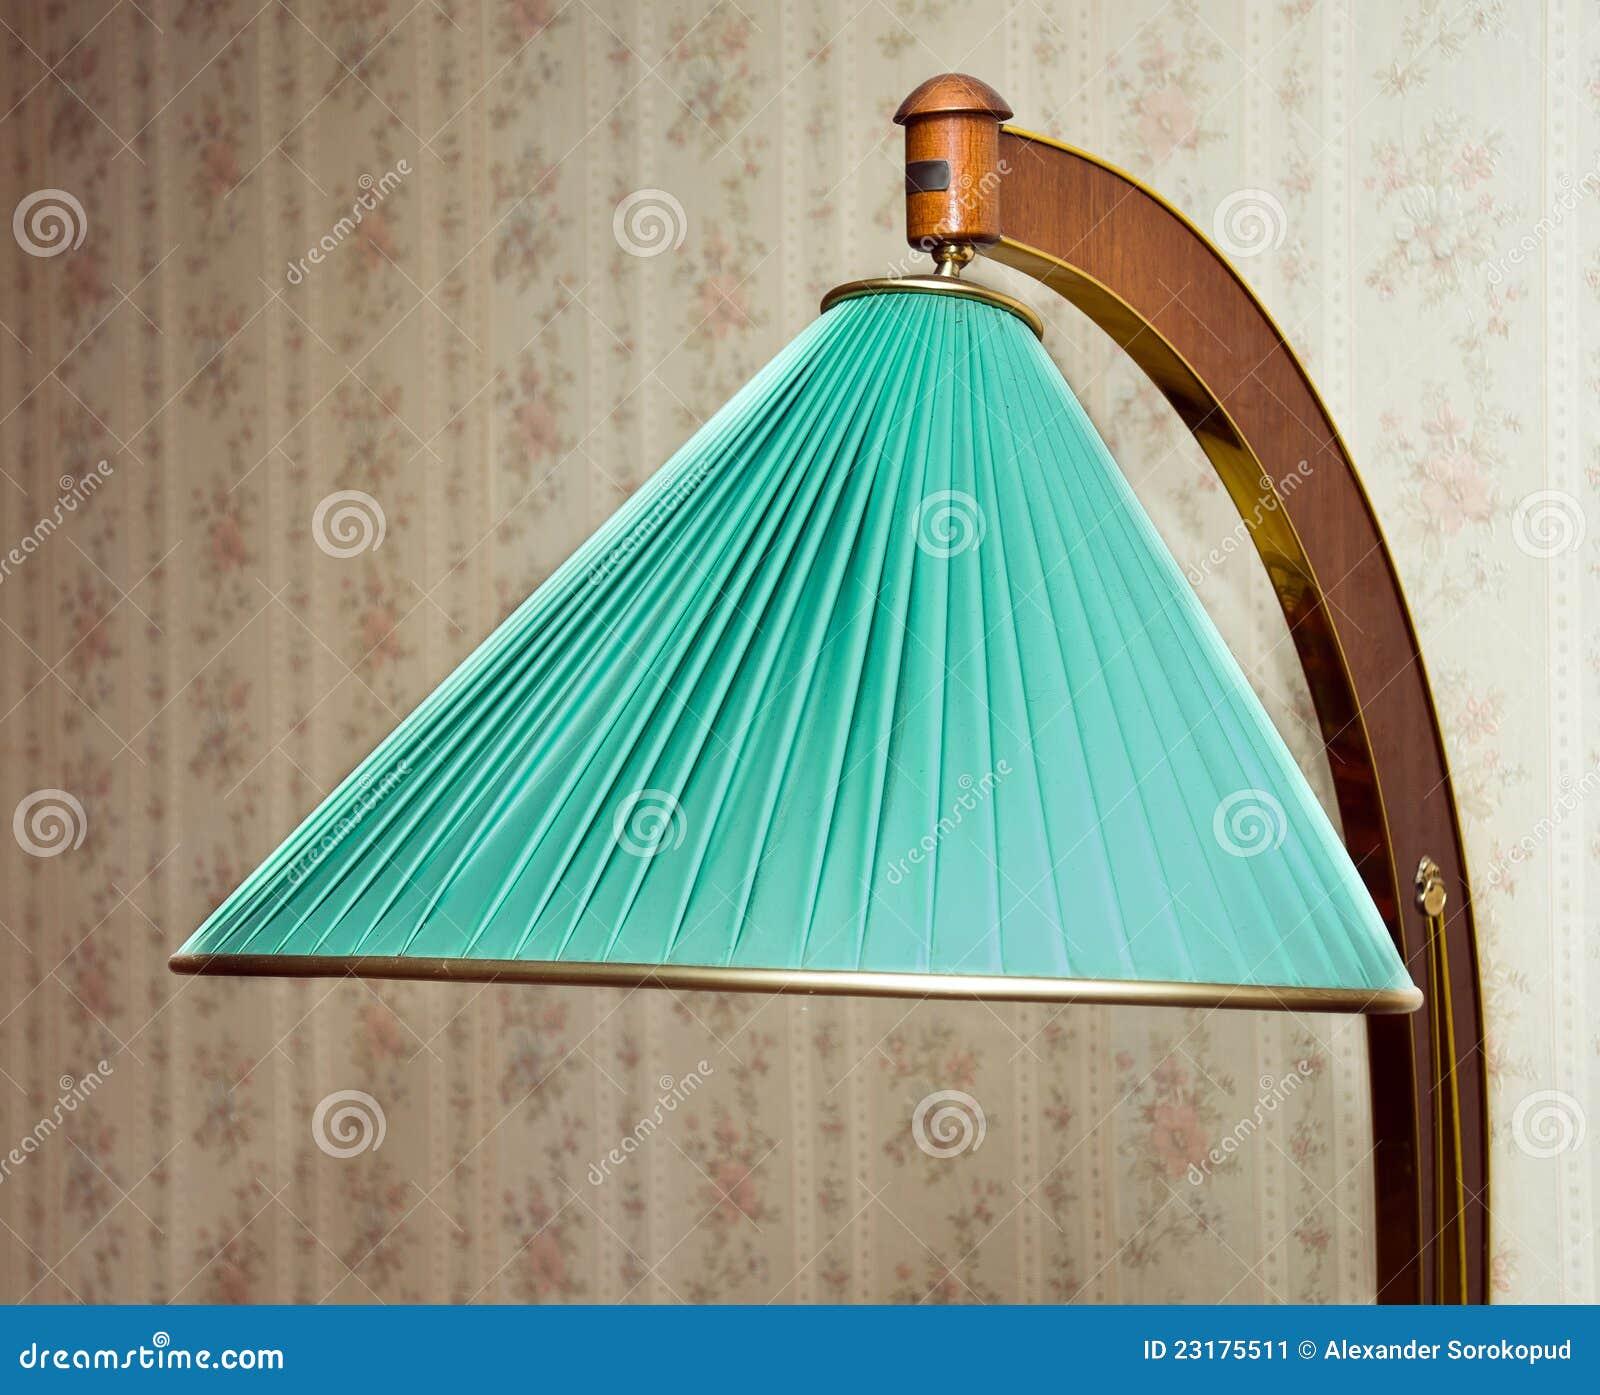 Retro Elektrische Fussbodenlampe Stockbild Bild Von Wand Lampe